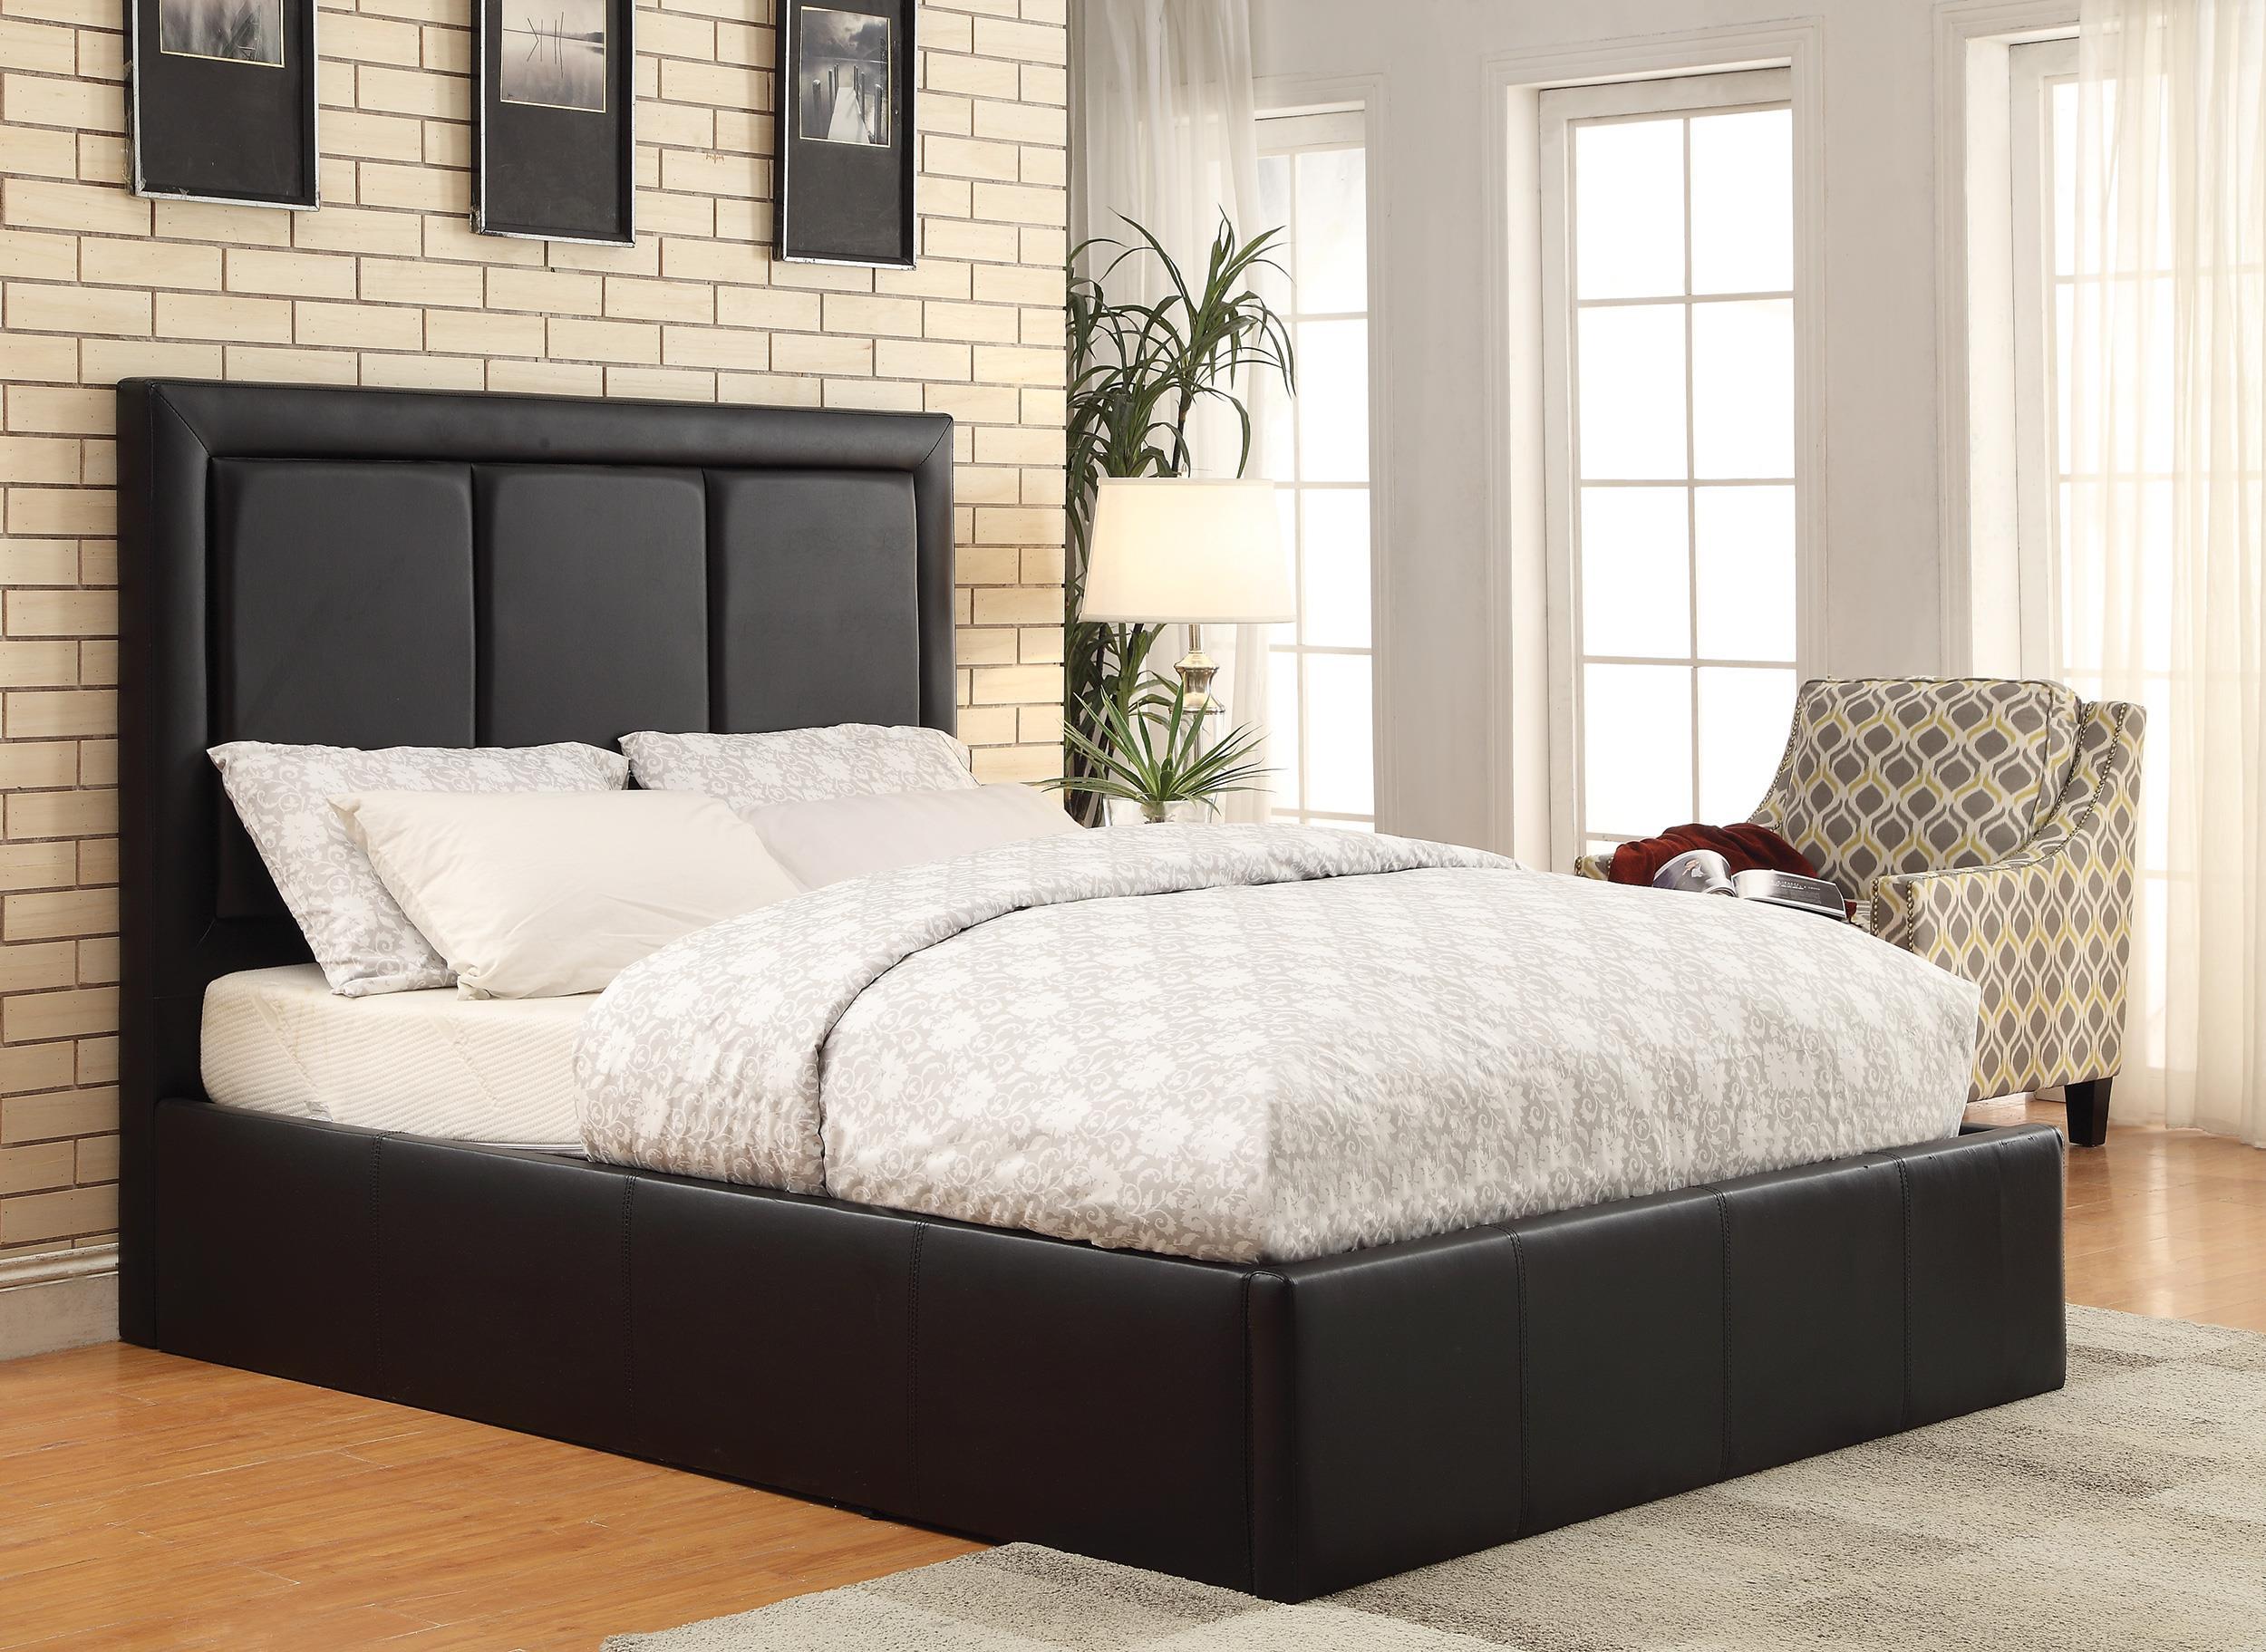 Coaster Upholstered Beds Full Upholstered bed - Item Number: 300493F